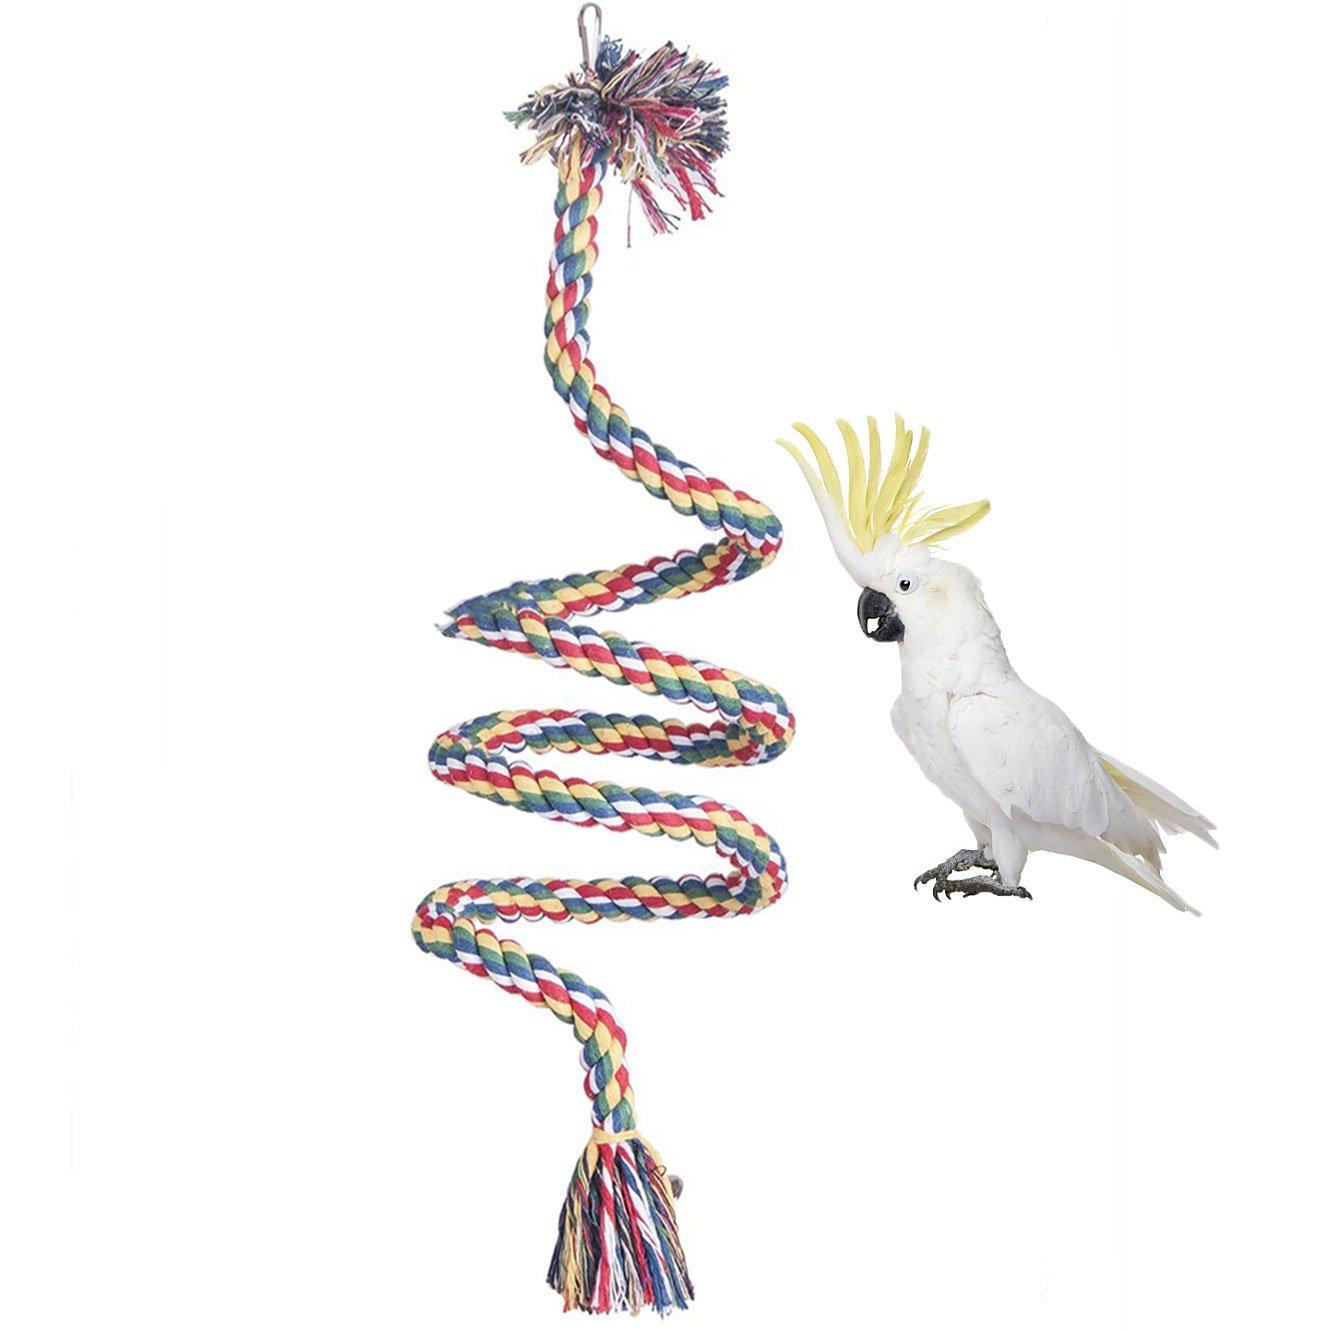 fringuelli parrocchetti posatoio masticabile cacatua pappagallini verdi africani; giocattolo per gabbia giocattolo per pappagalli Corda di cotone per uccelli a spirale colorata conuri altalena con campanelle pappagallini